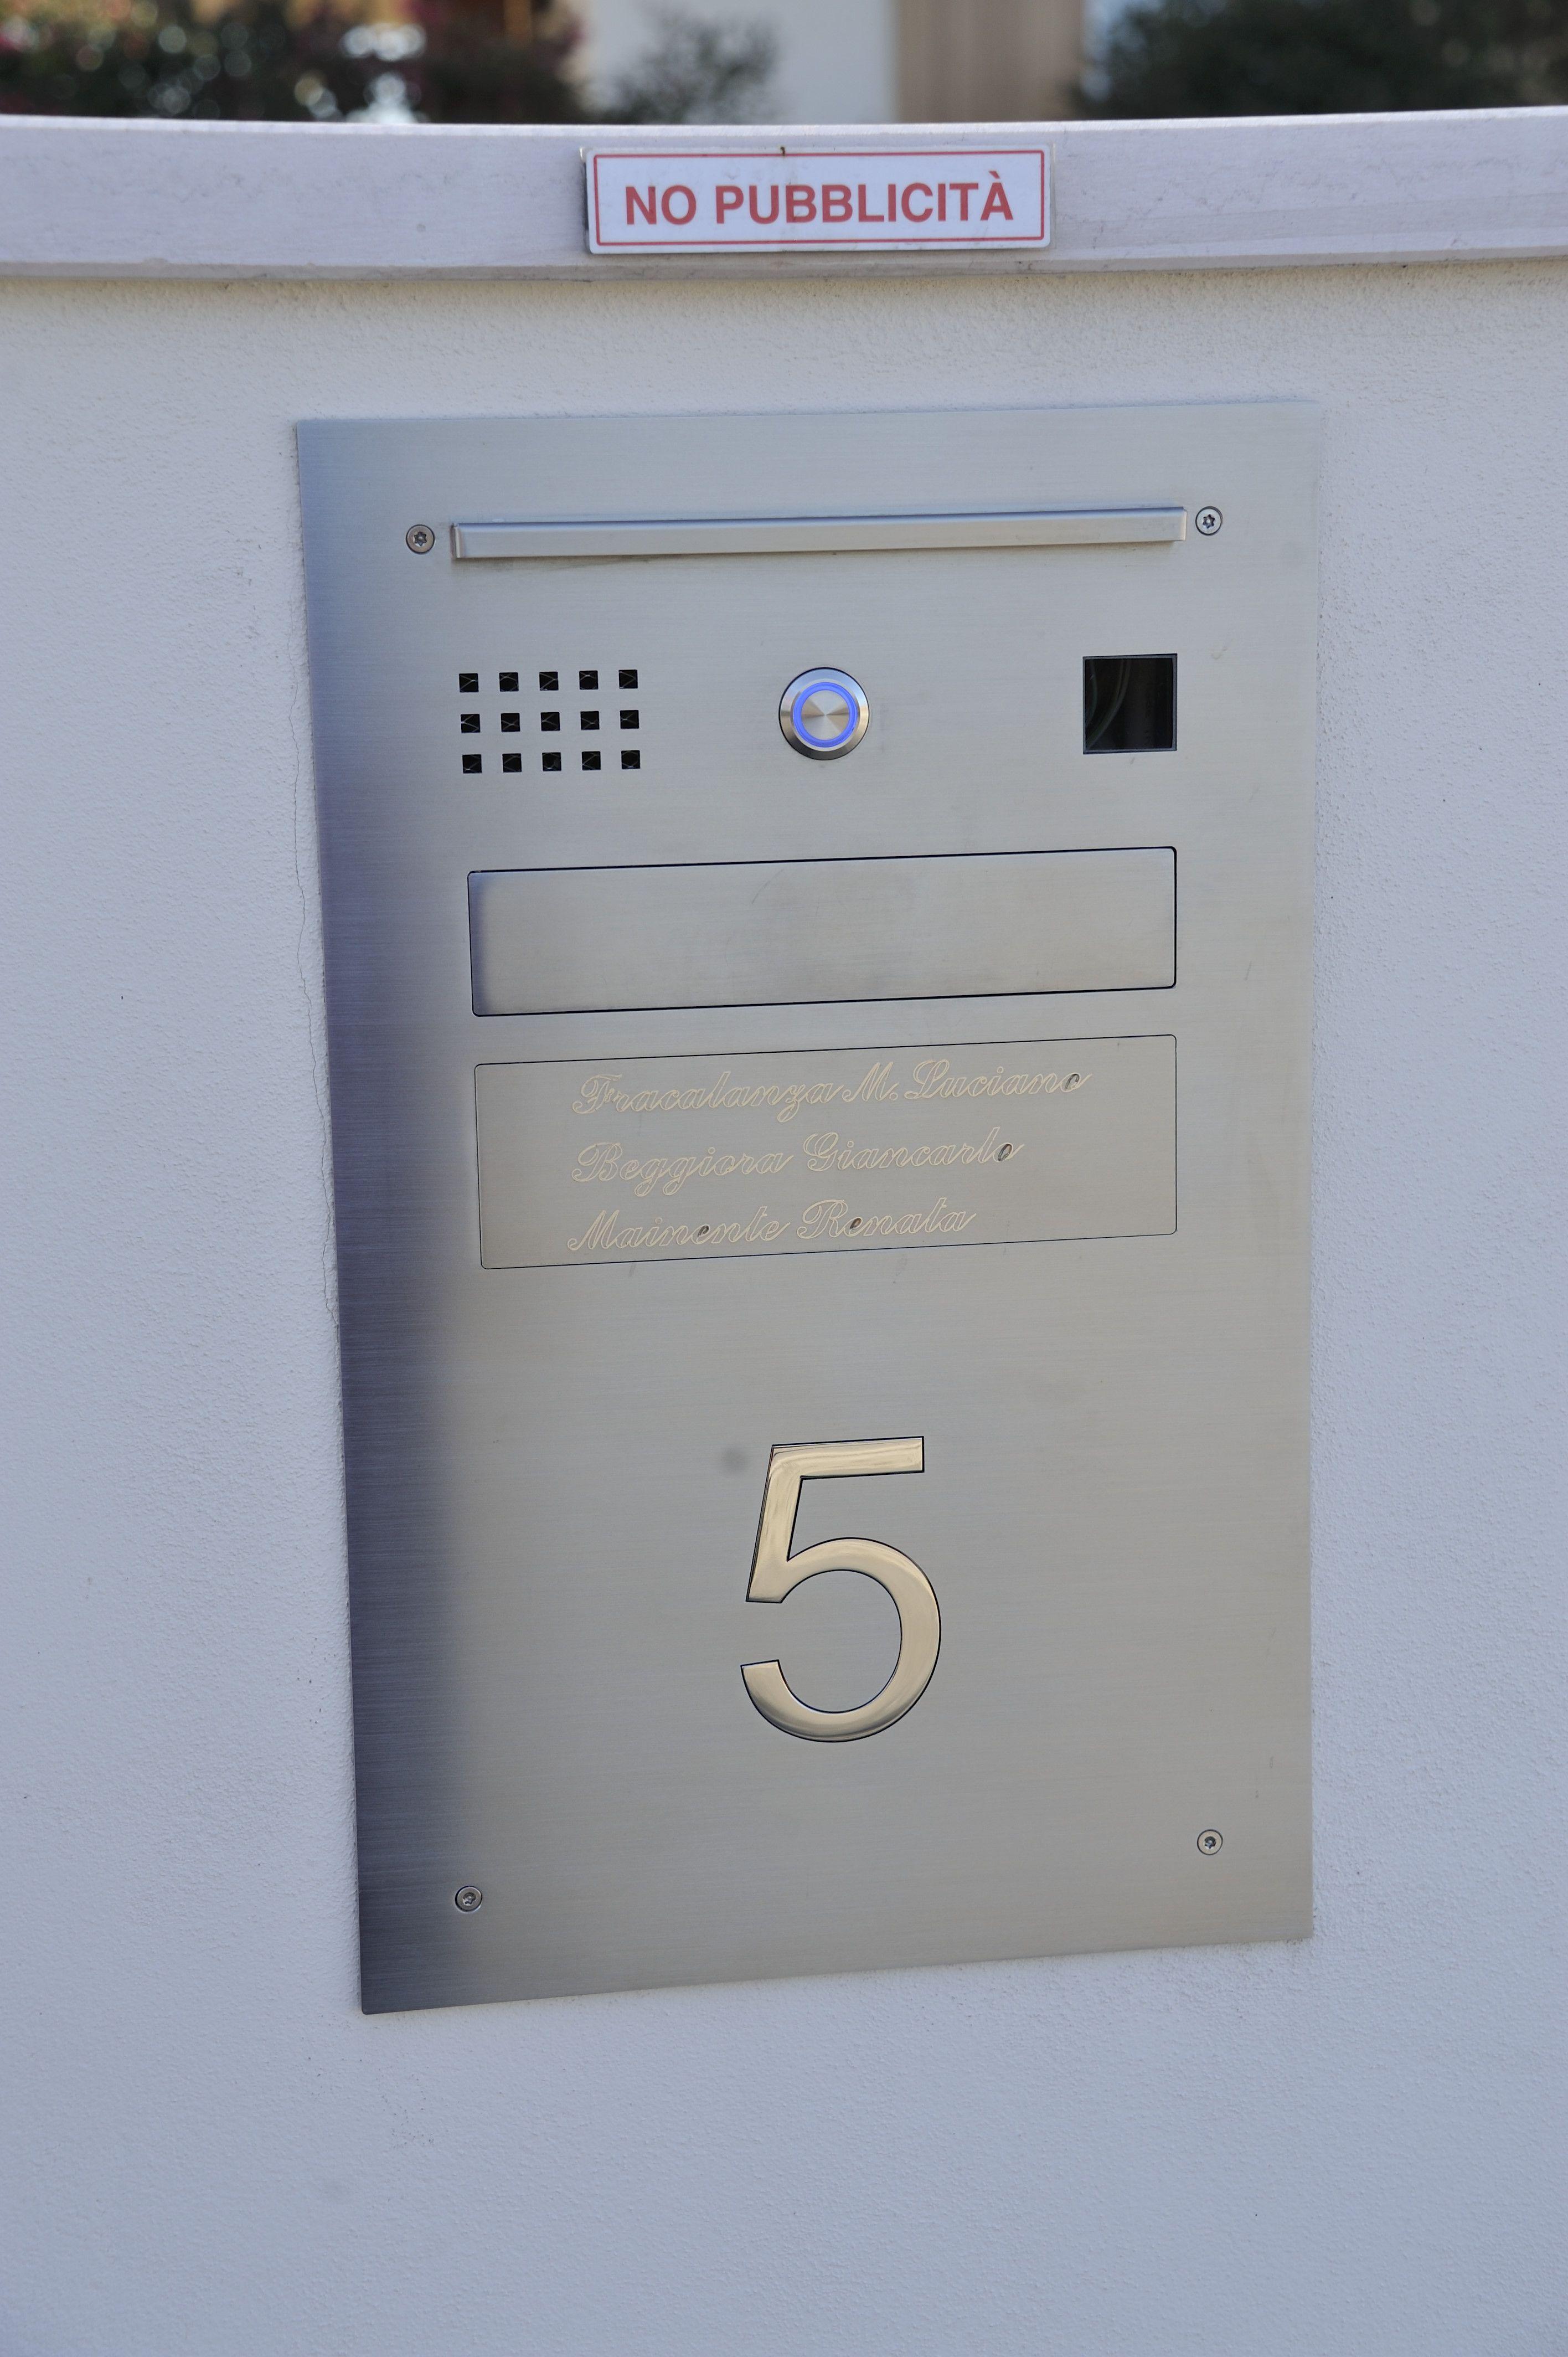 a73f790349 Cassetta postale dotata di luce, porticina per mettere e prendere la posta,  campanello,